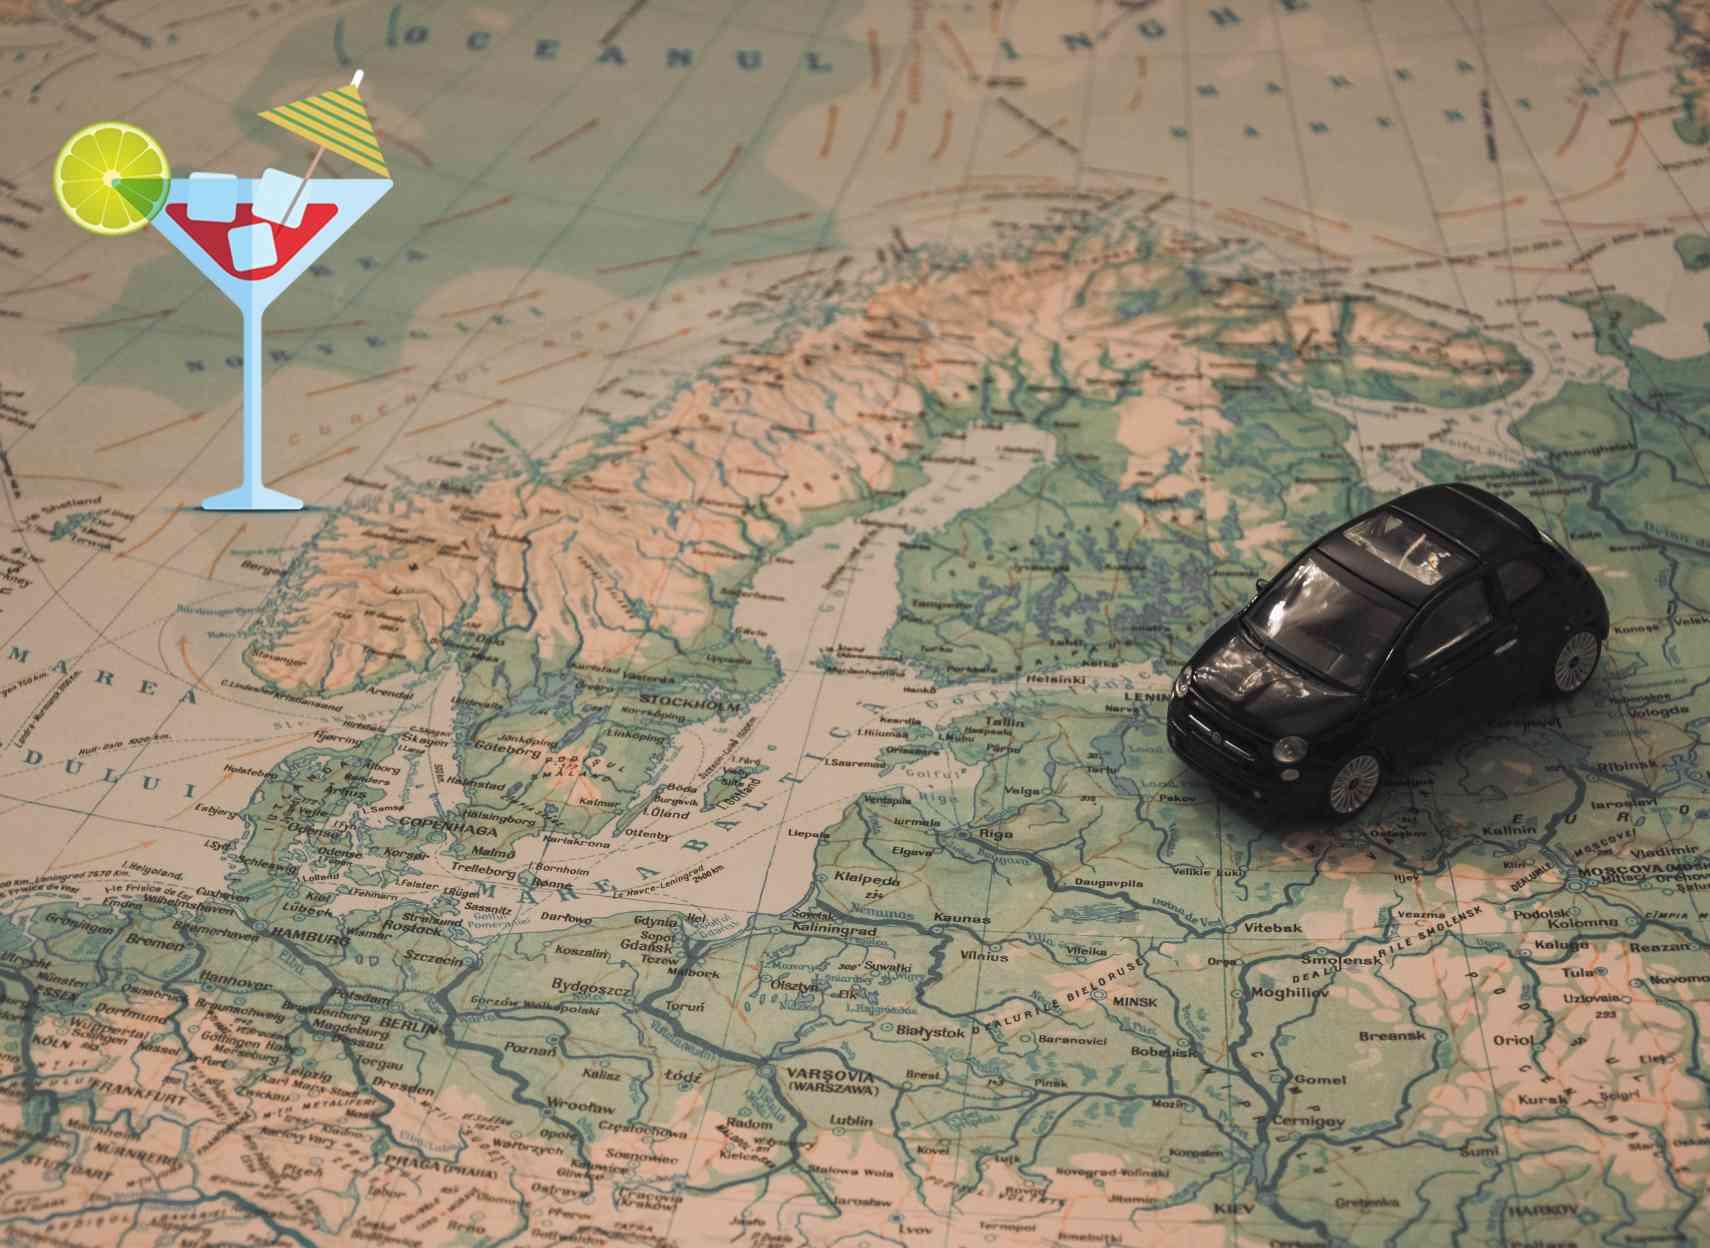 La réglementation varie d'un pays à l'autre, découvrez les taux autorisés